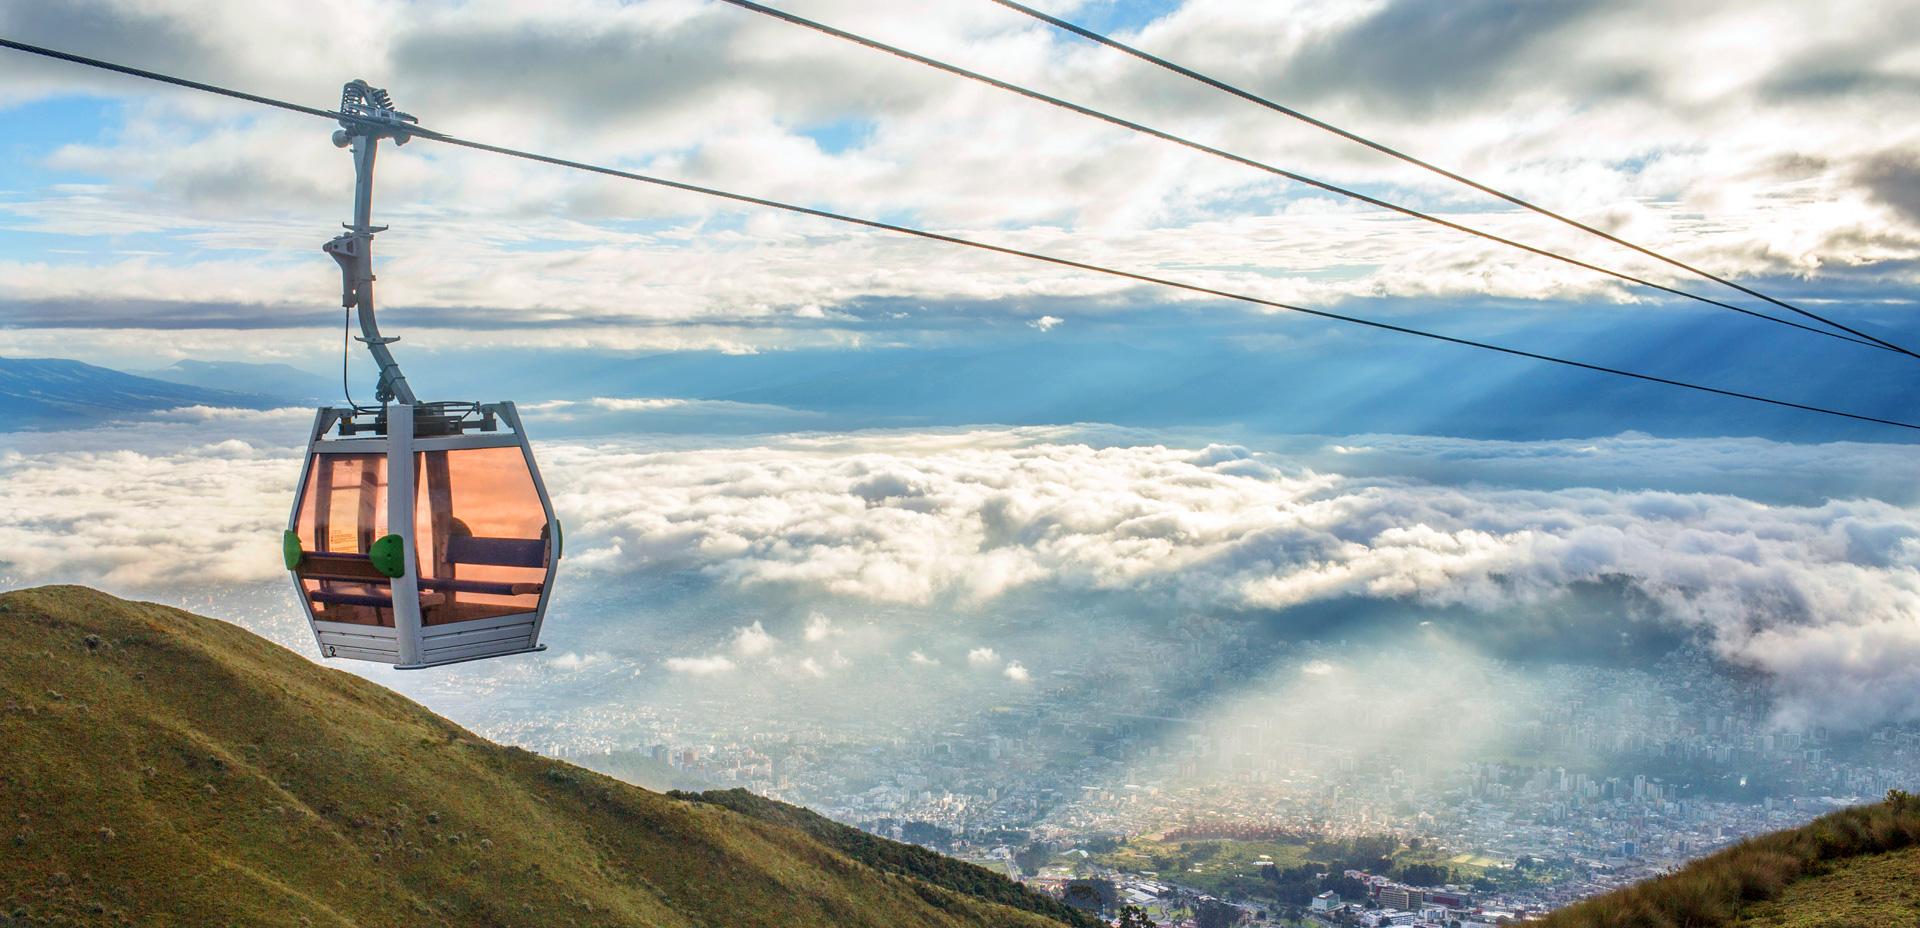 Teleferico Quito | Una experiencia por todo lo alto